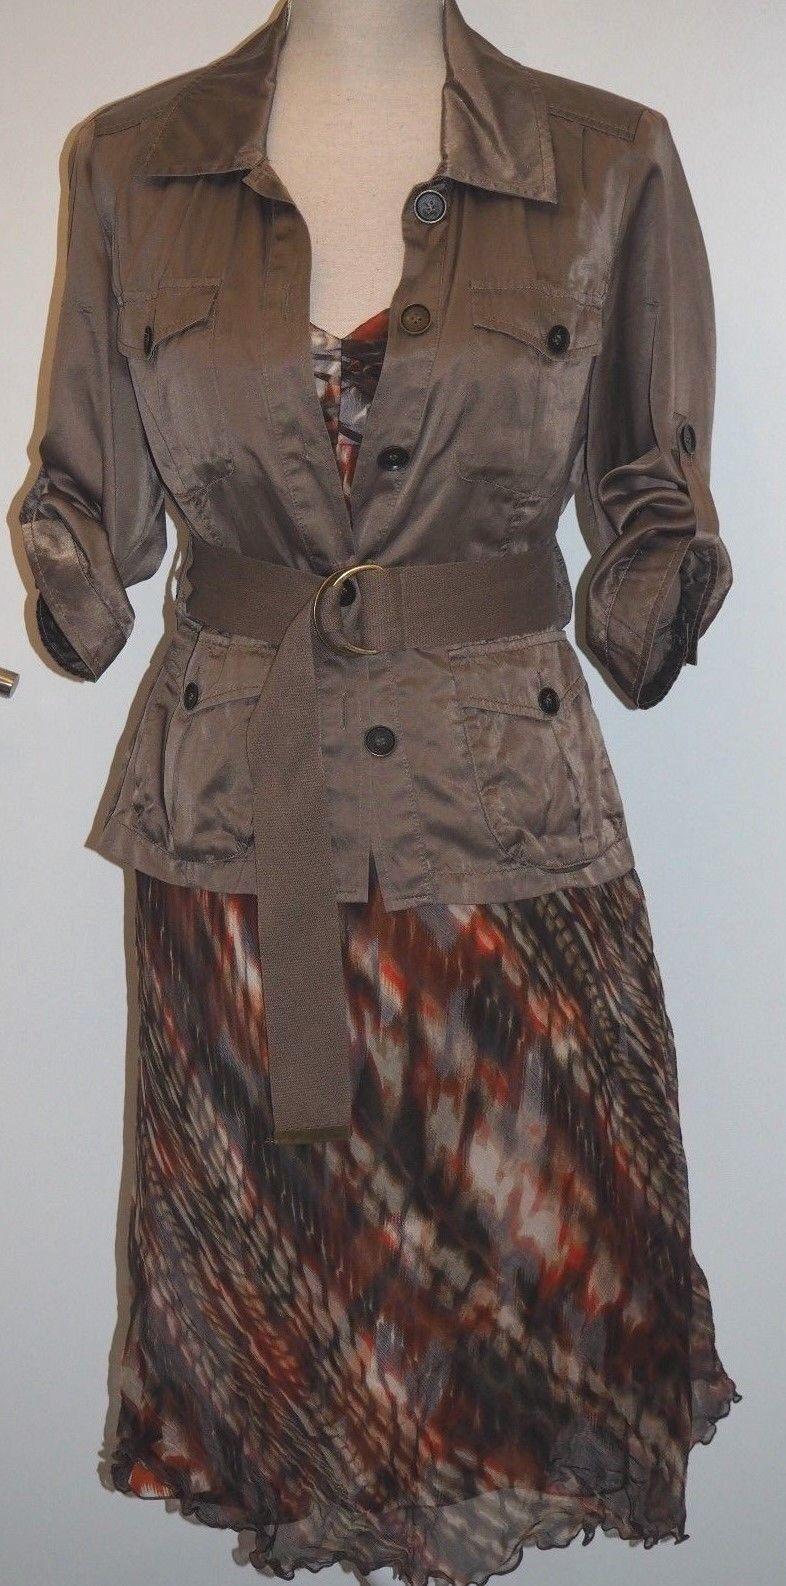 3 Teile  Patrizia Dini by heine, Kleid Seide & passende Jacke & Gürtel, Größe 38